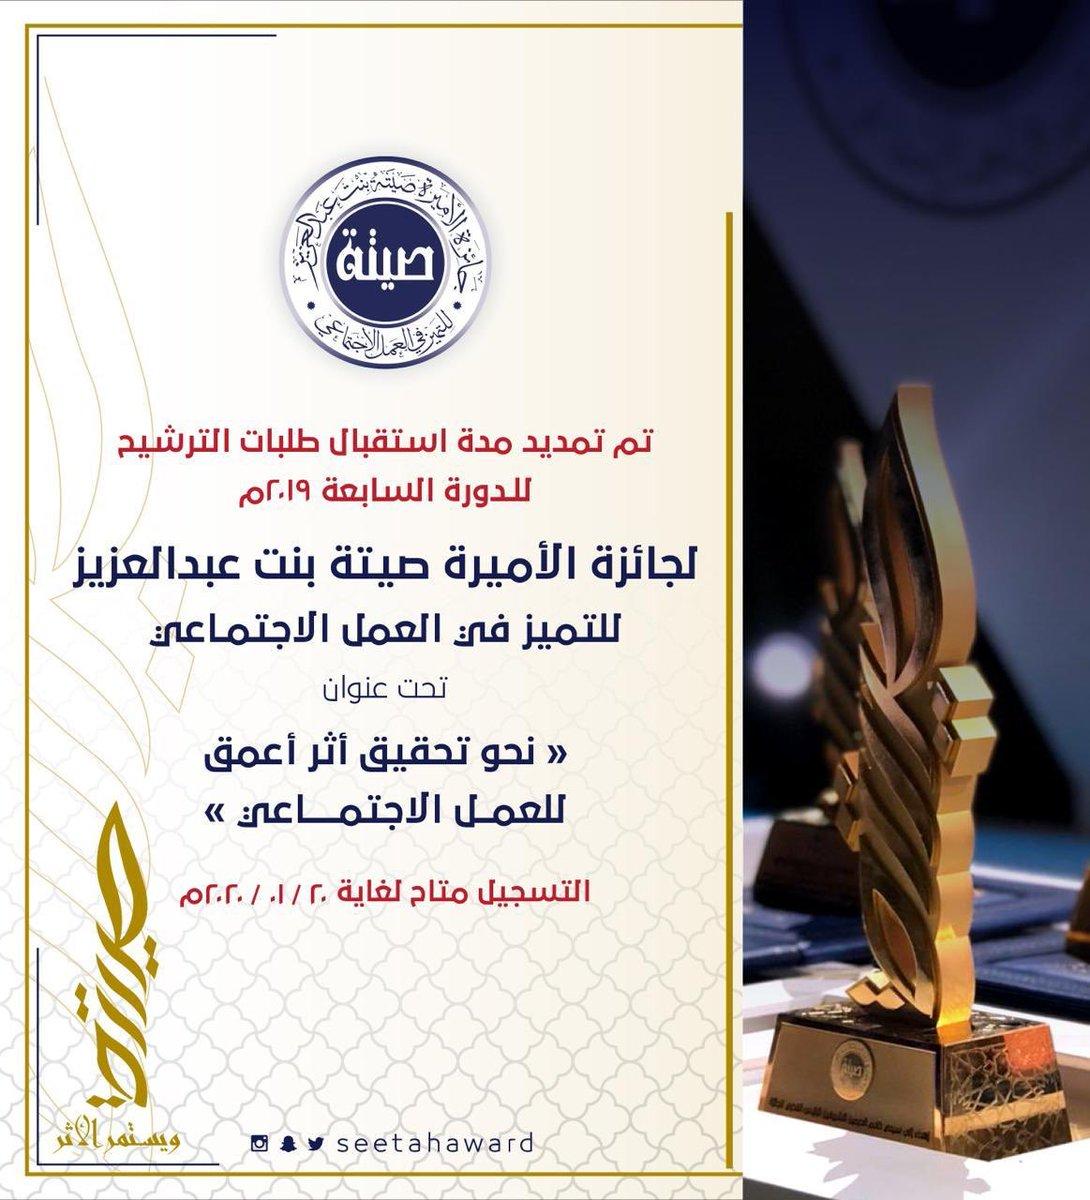 >جائزة الأميرة صيتة بنت عبدالعزيز للتميز في العمل الاجتماعي بدورتها السابعة تحت عنوان